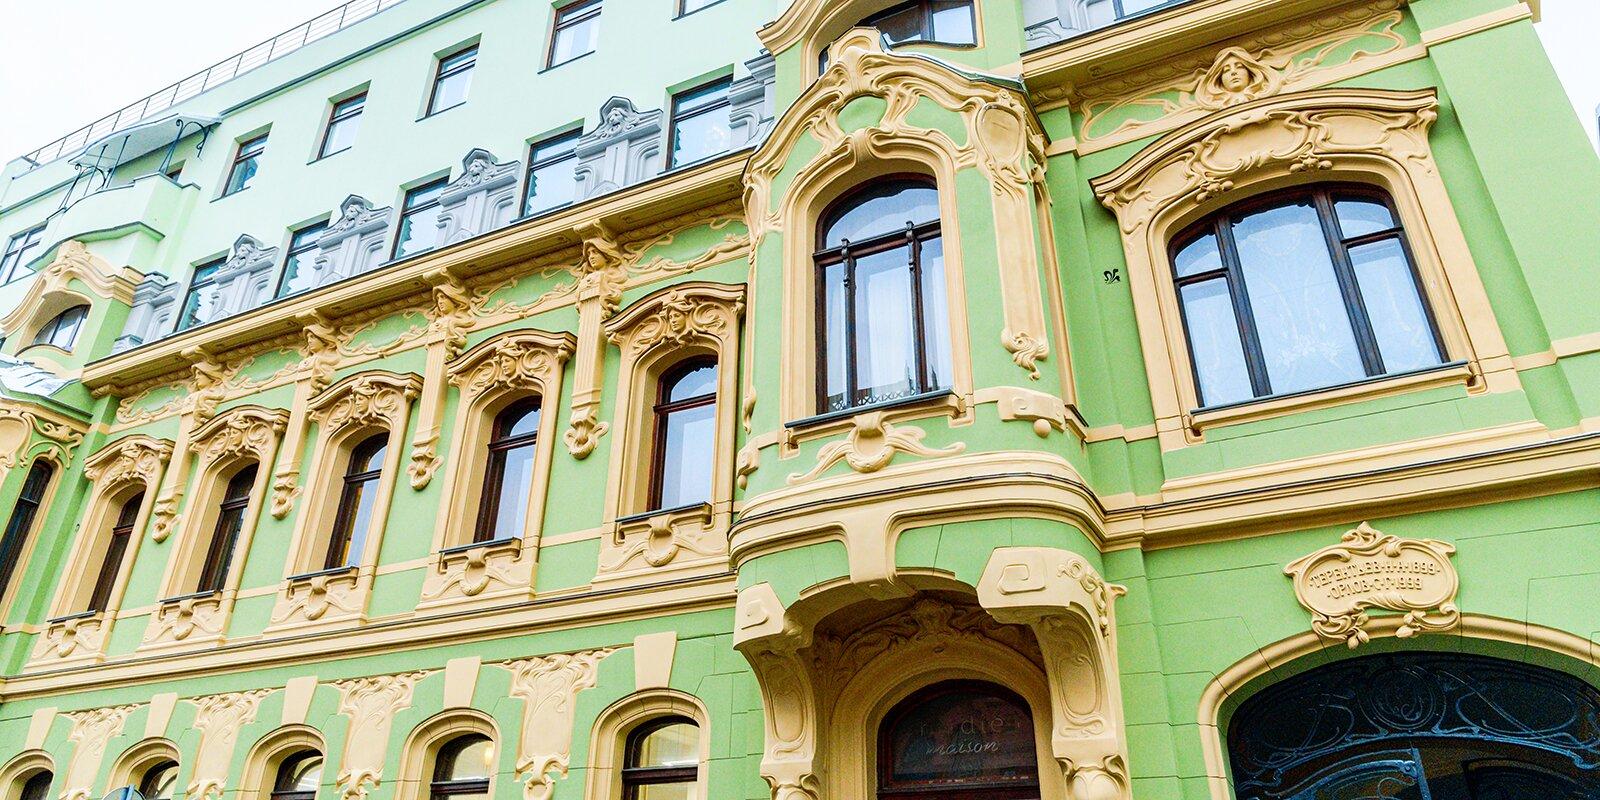 Все работы проходили под контролем столичногоДепартамента культурного наследия. Фото: сайт мэра Москвы